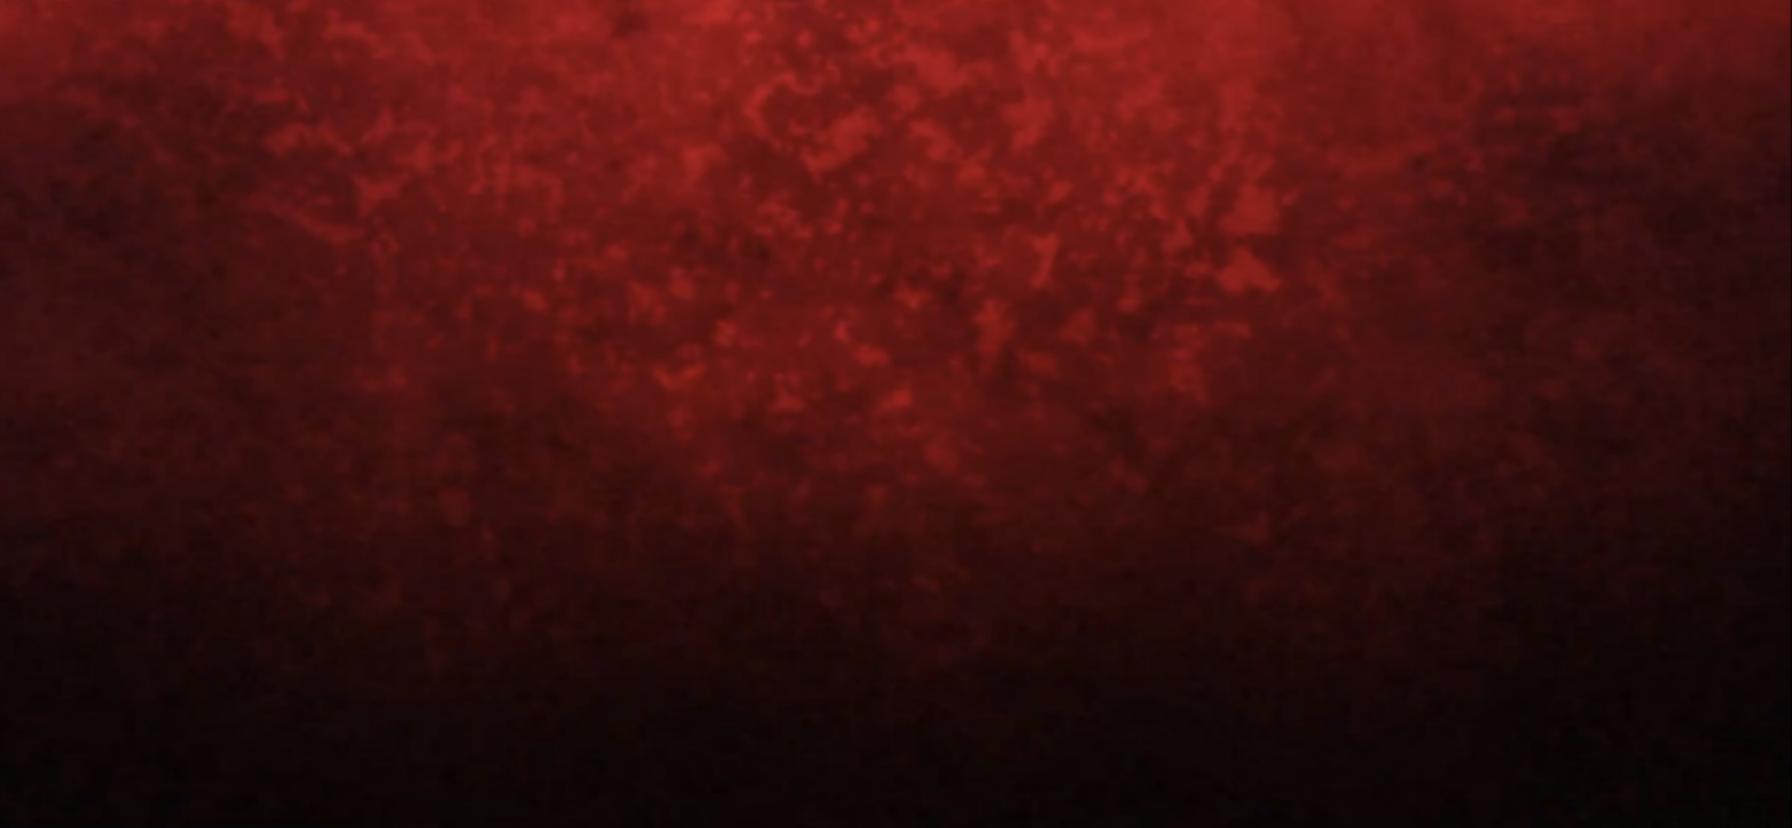 Dark Red Background 2 By Venjix5 On Deviantart